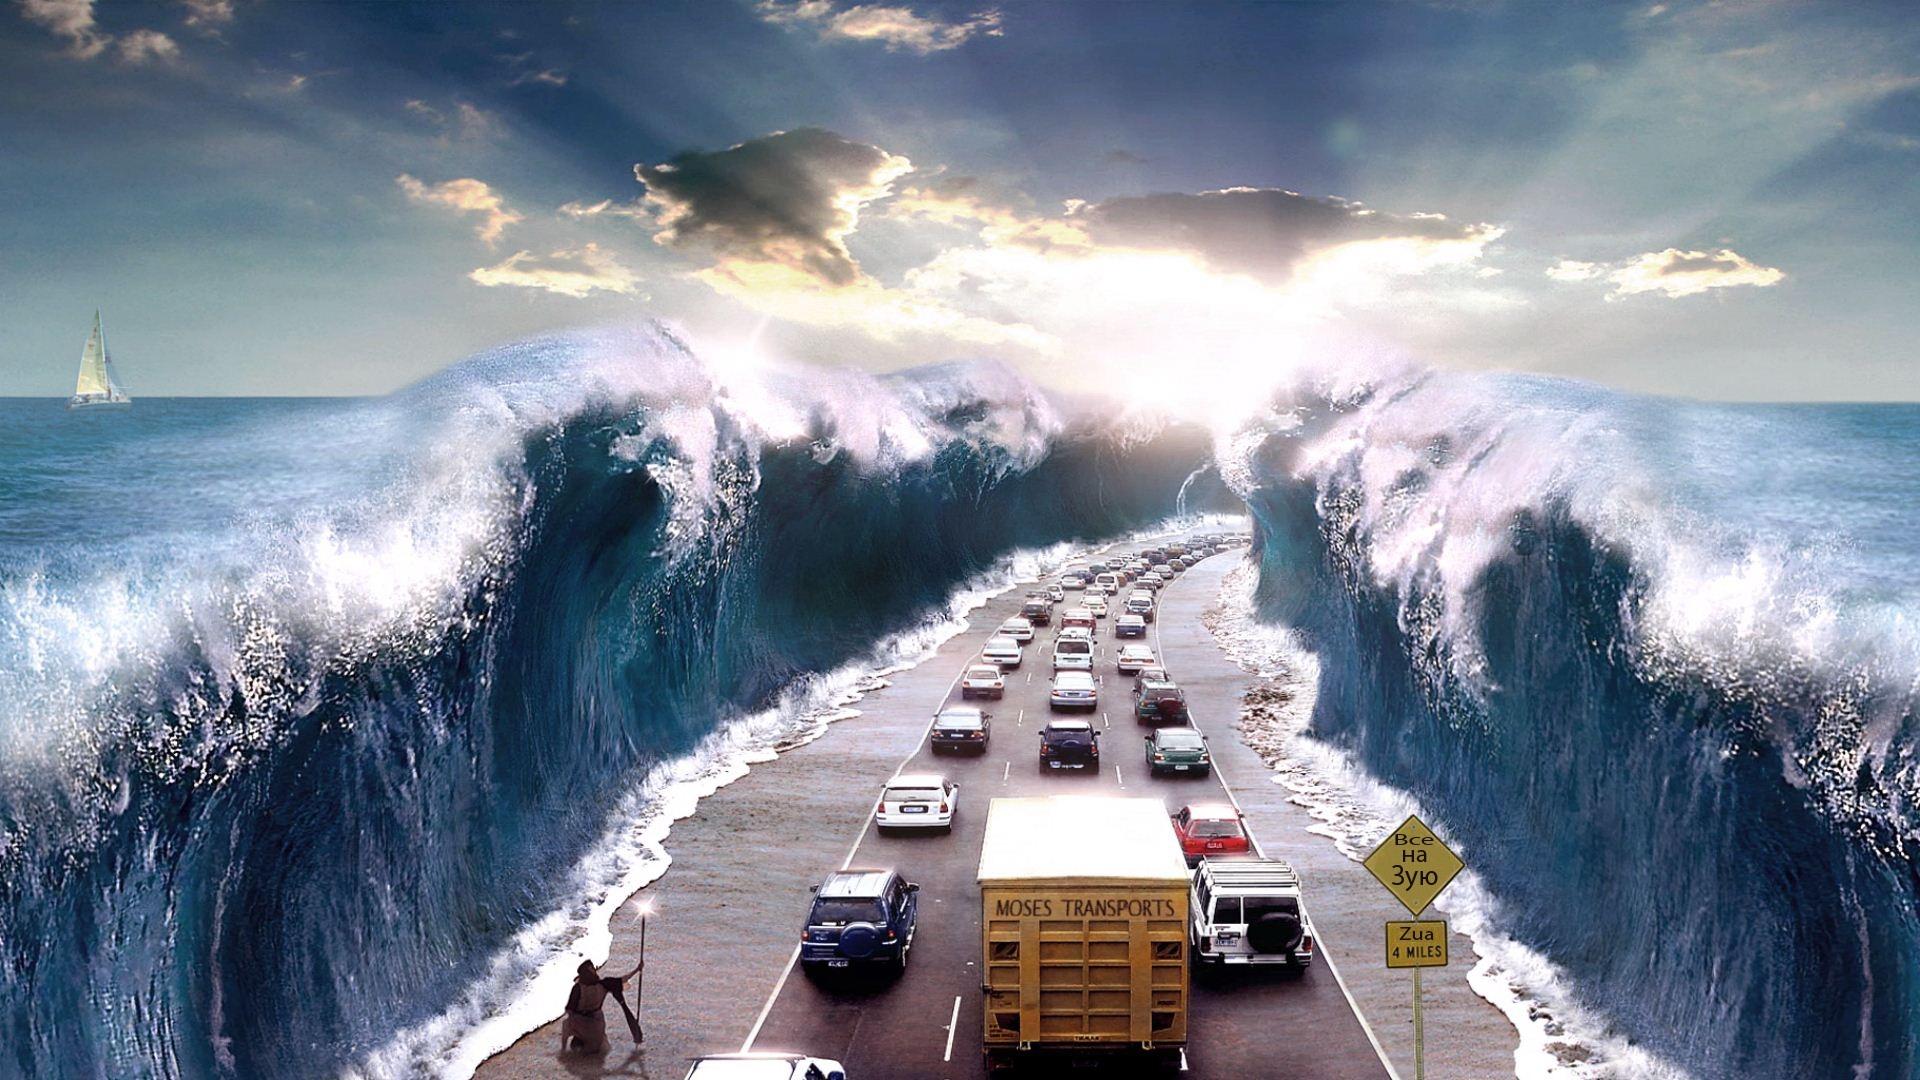 Скачать картинку Транспорт, Пейзаж, Машины, Дороги, Море в телефон бесплатно.